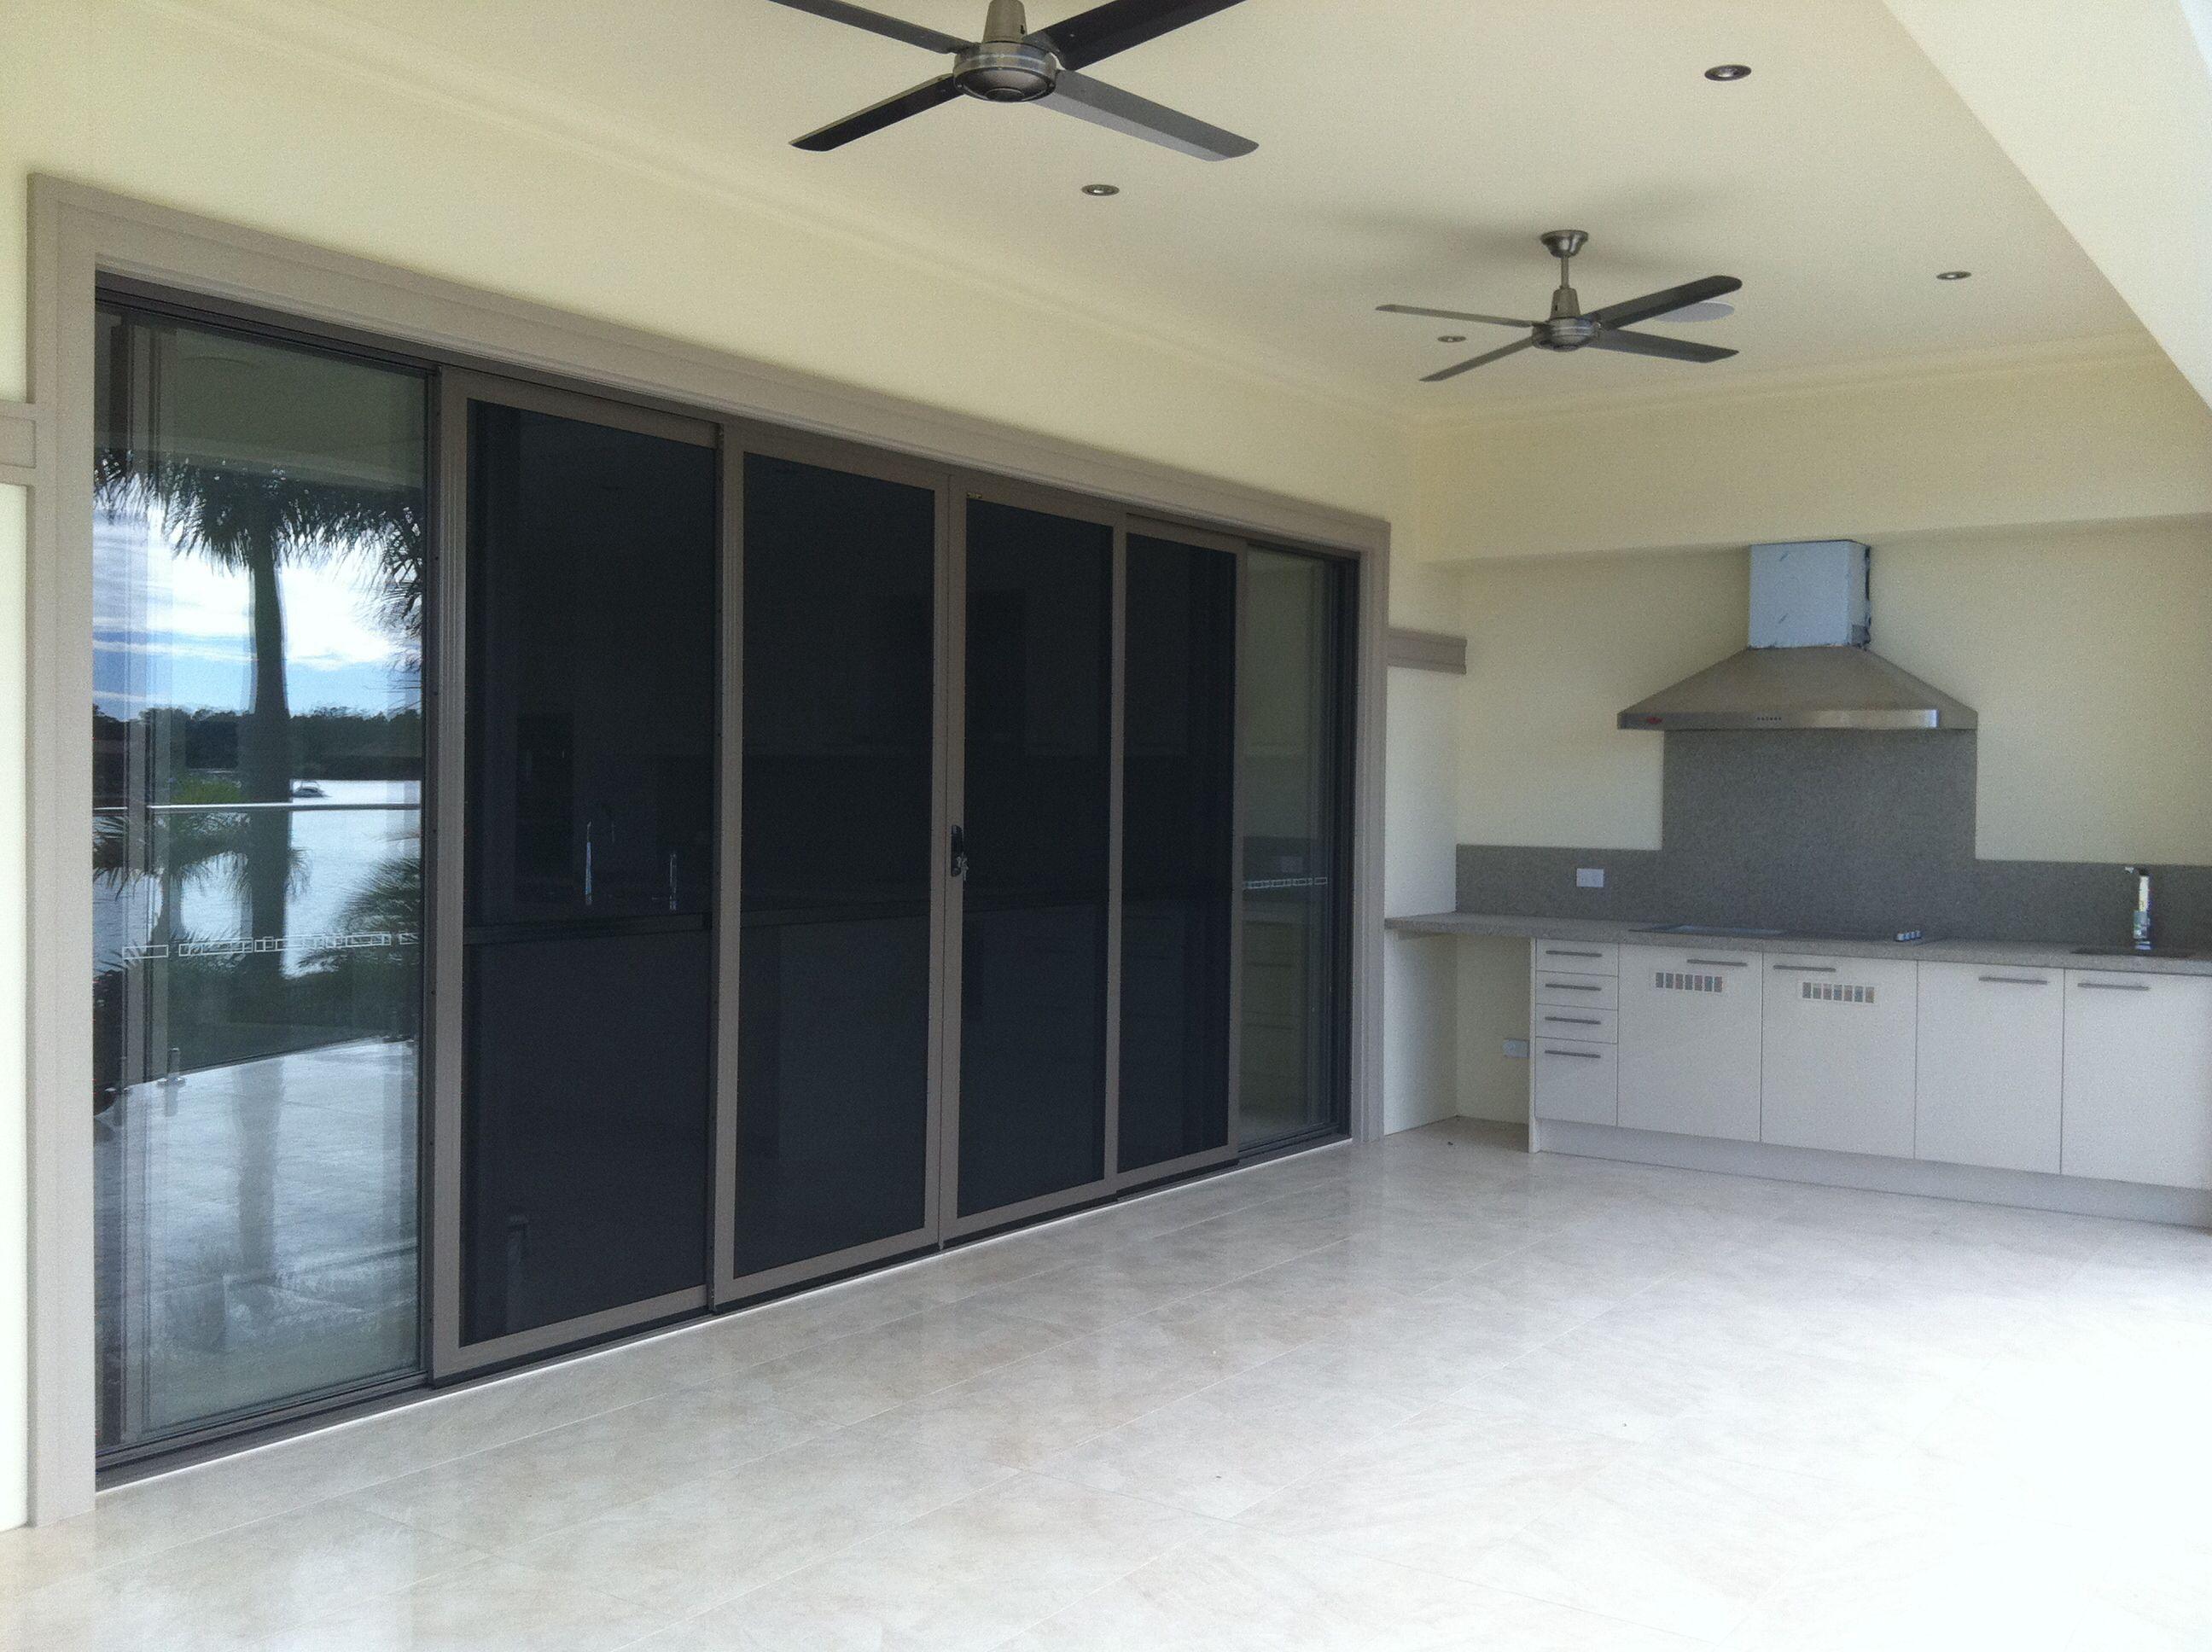 Stacker Door From Rumpus To Alfresco With Bbq Built In And Fans Stacker Doors Aluminium Sliding Doors Patio Projects